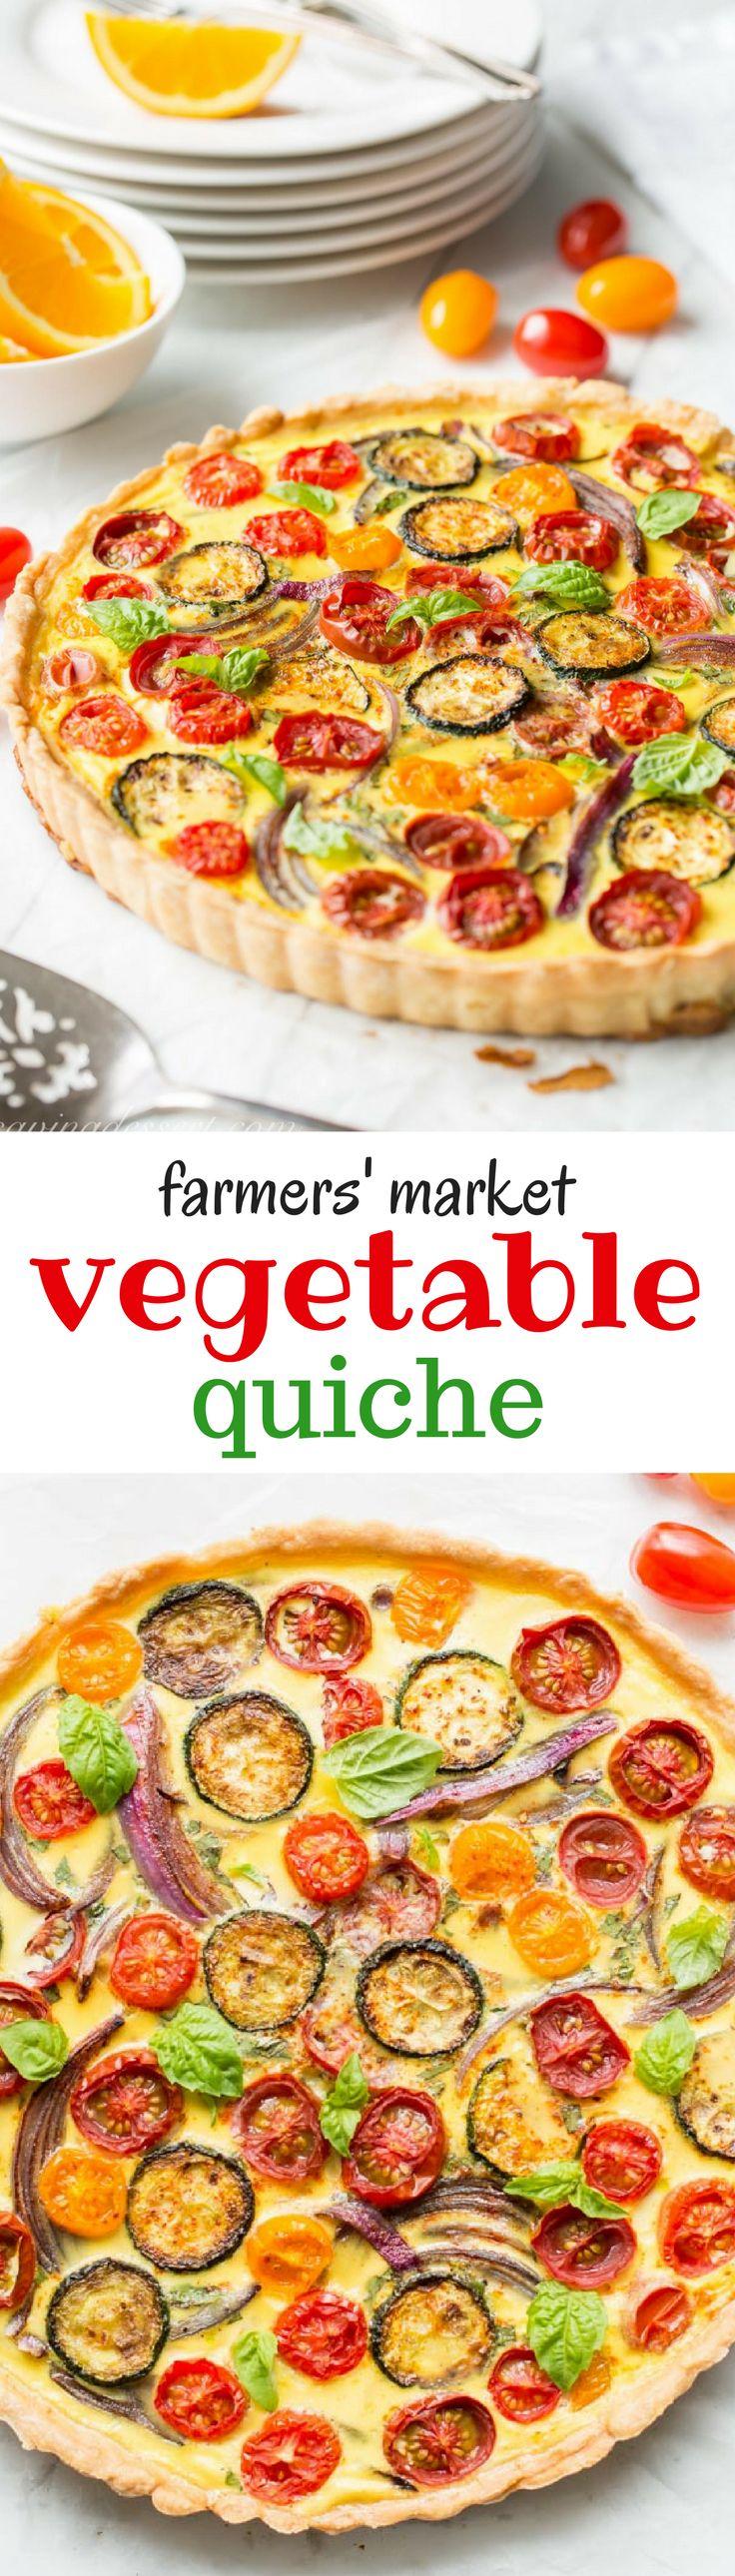 Farmers' Market Quiche - een smakelijke, verse groentequiche gevuld met courgette, uien, tomaten en kaas.  Verse geplukte kruiden en een schilferige korst maken dit een prachtige aanvulling op uw brunch tafel!  www.savingdessert.com